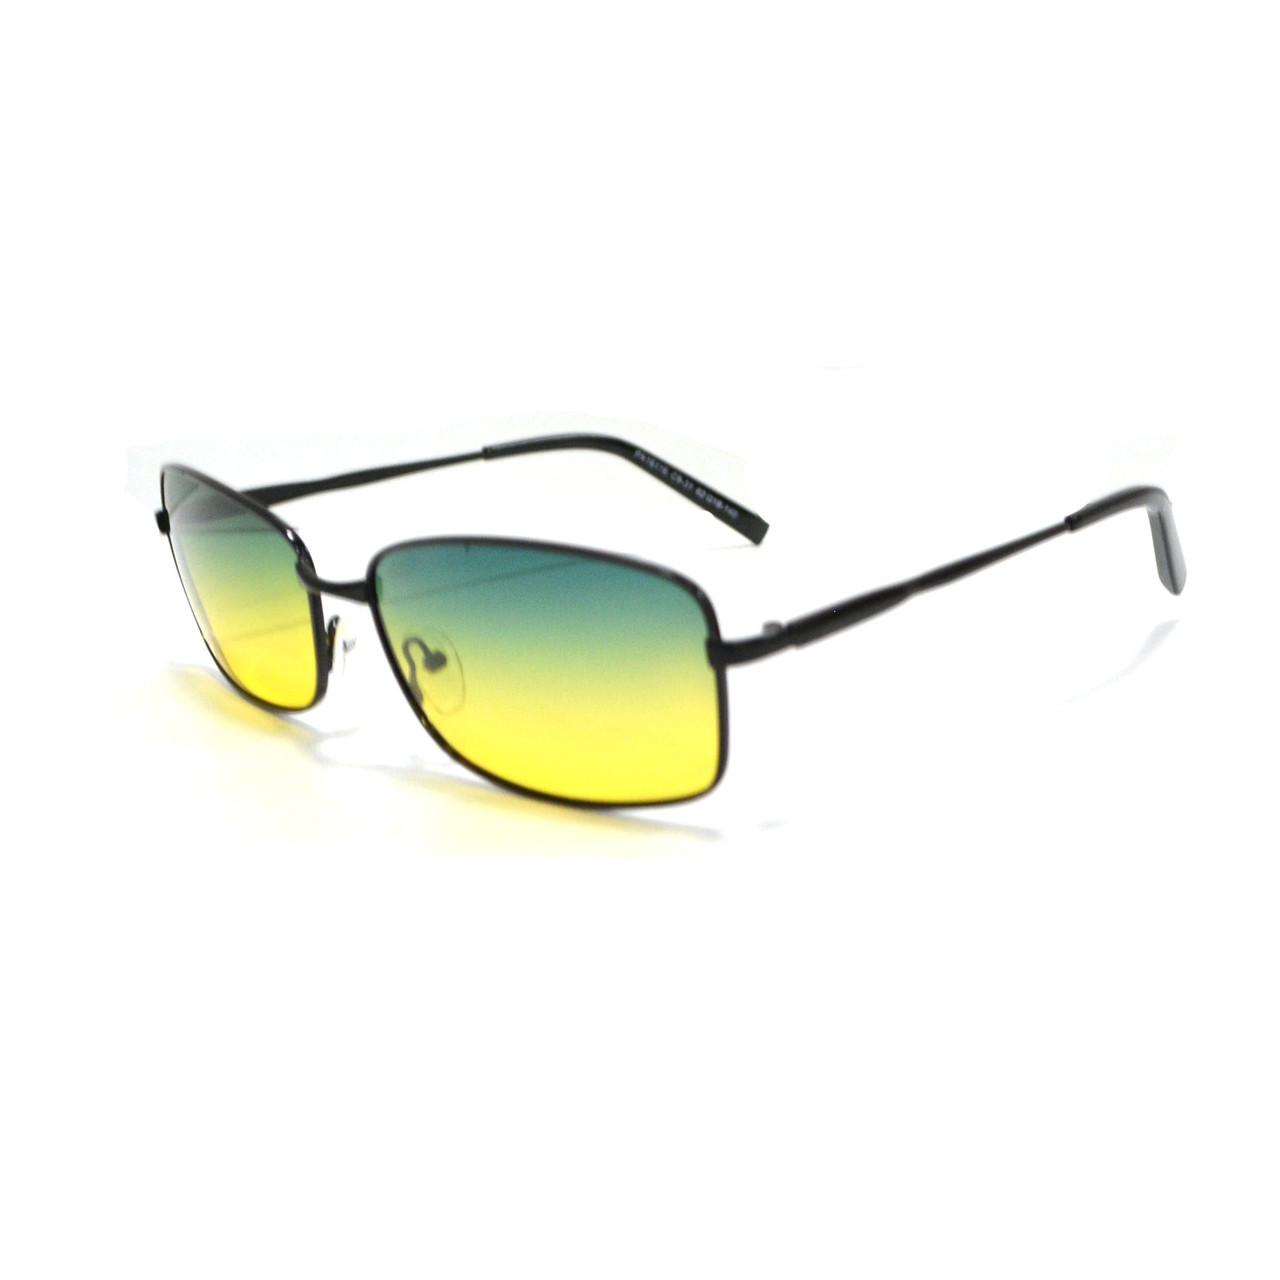 Солнцезащитные поляризационные очки ПОЛАРОИД UV400 тонкая оправа желто зеленые стекла АВТО PX16116 - фото 4